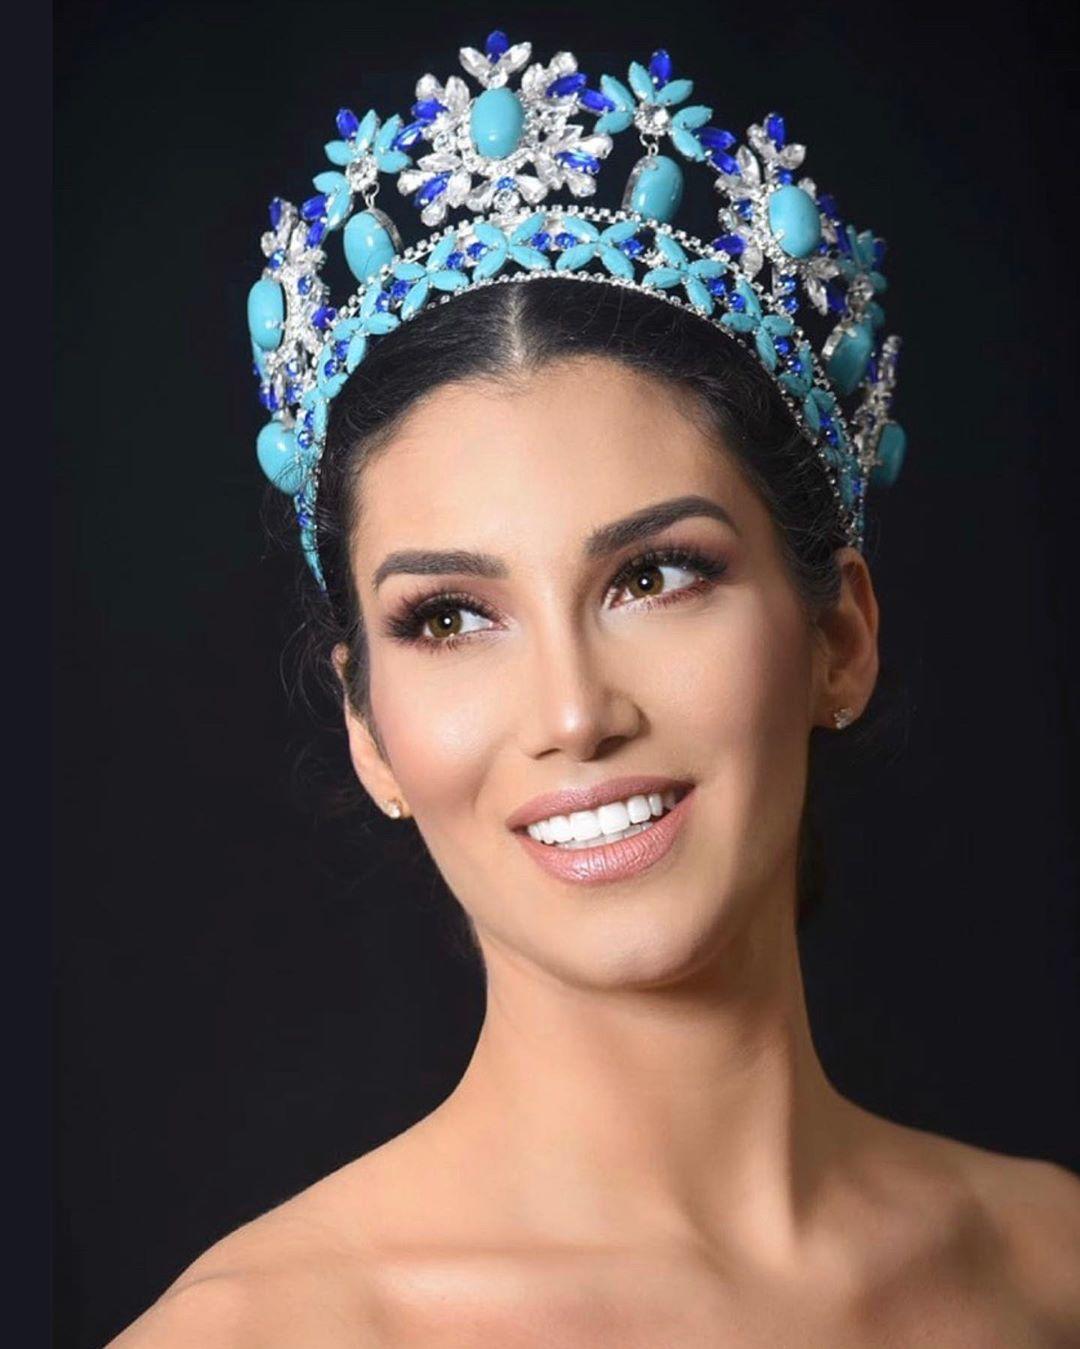 georgina vargas, candidata a miss mexico 2020, representando coahuila. 94627010